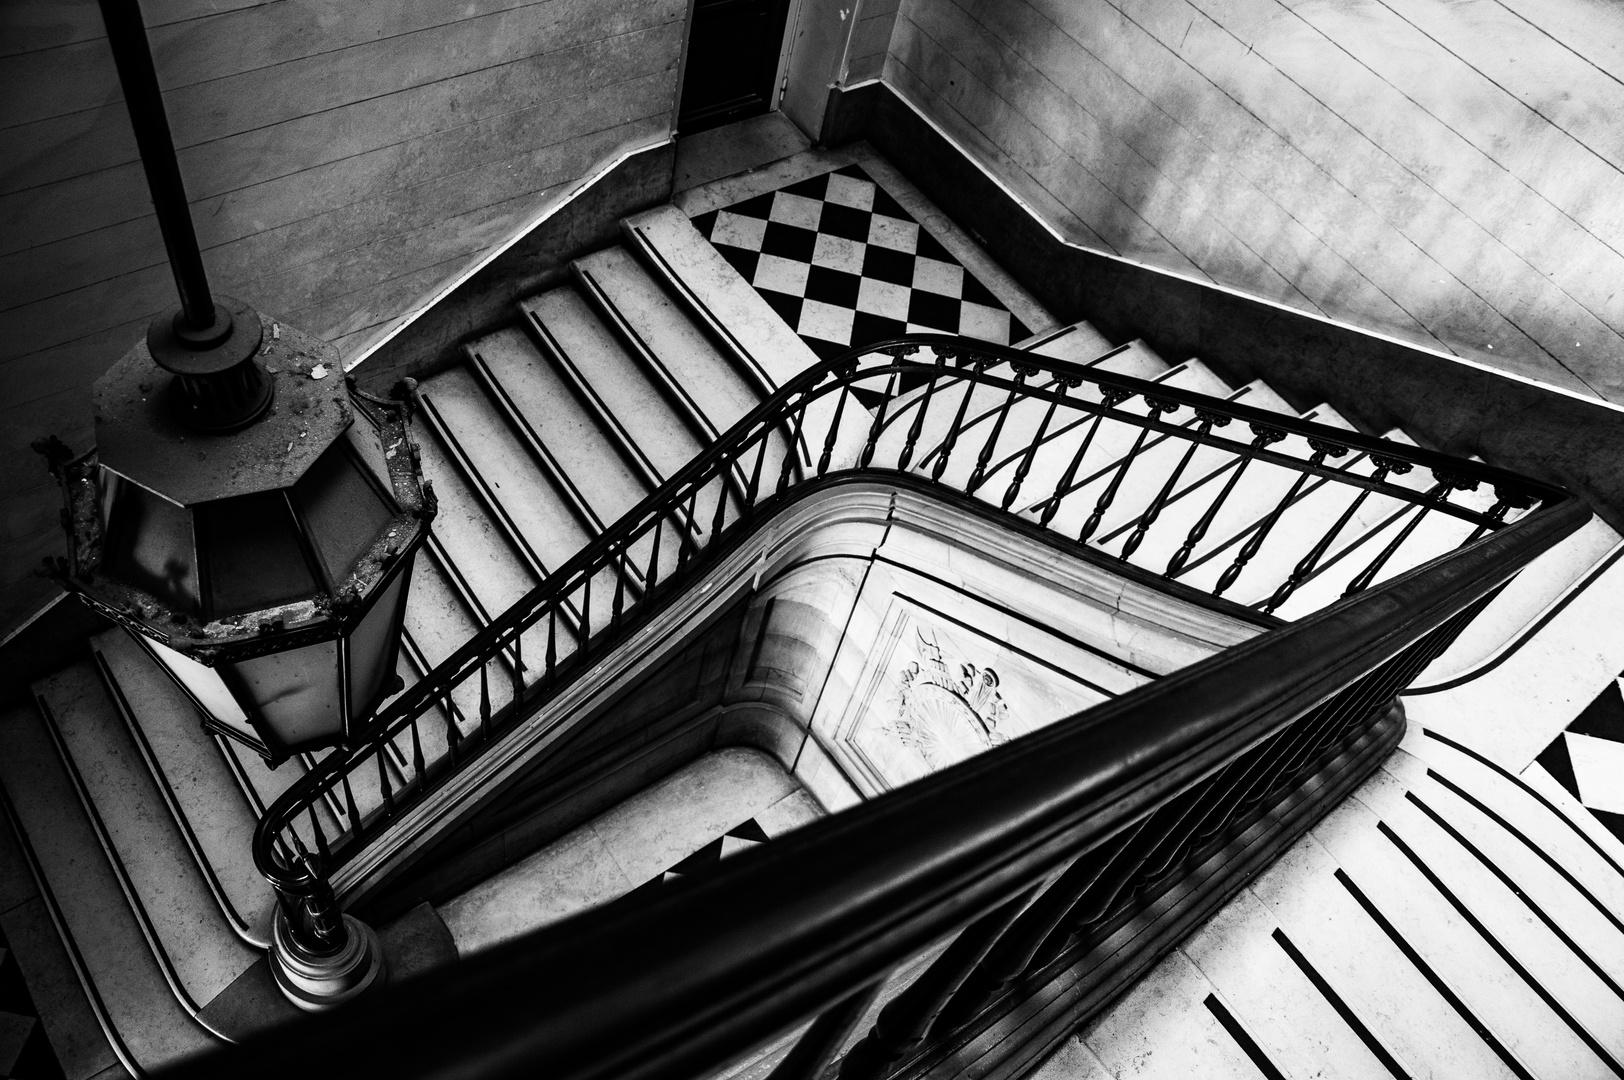 Altes treppenhaus in paris foto bild architektur stadtlandschaft historisches bilder auf - Bilder treppenhaus ...